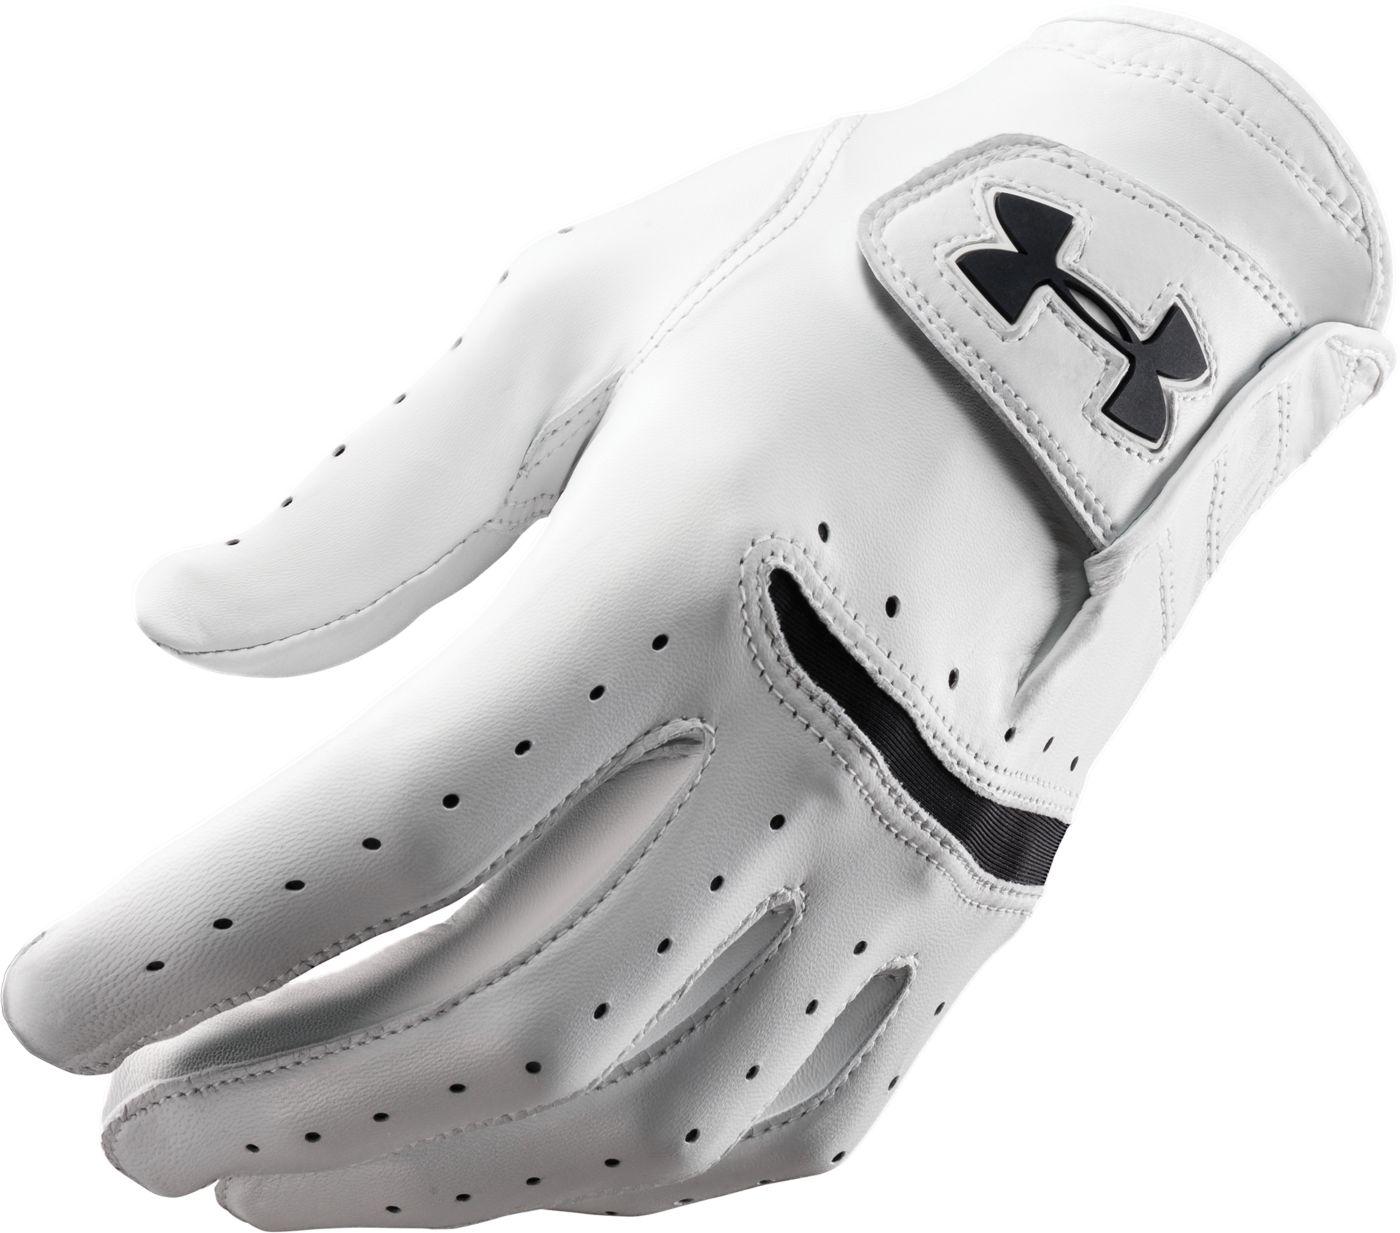 Under Armour StrikeSkin Tour Golf Glove